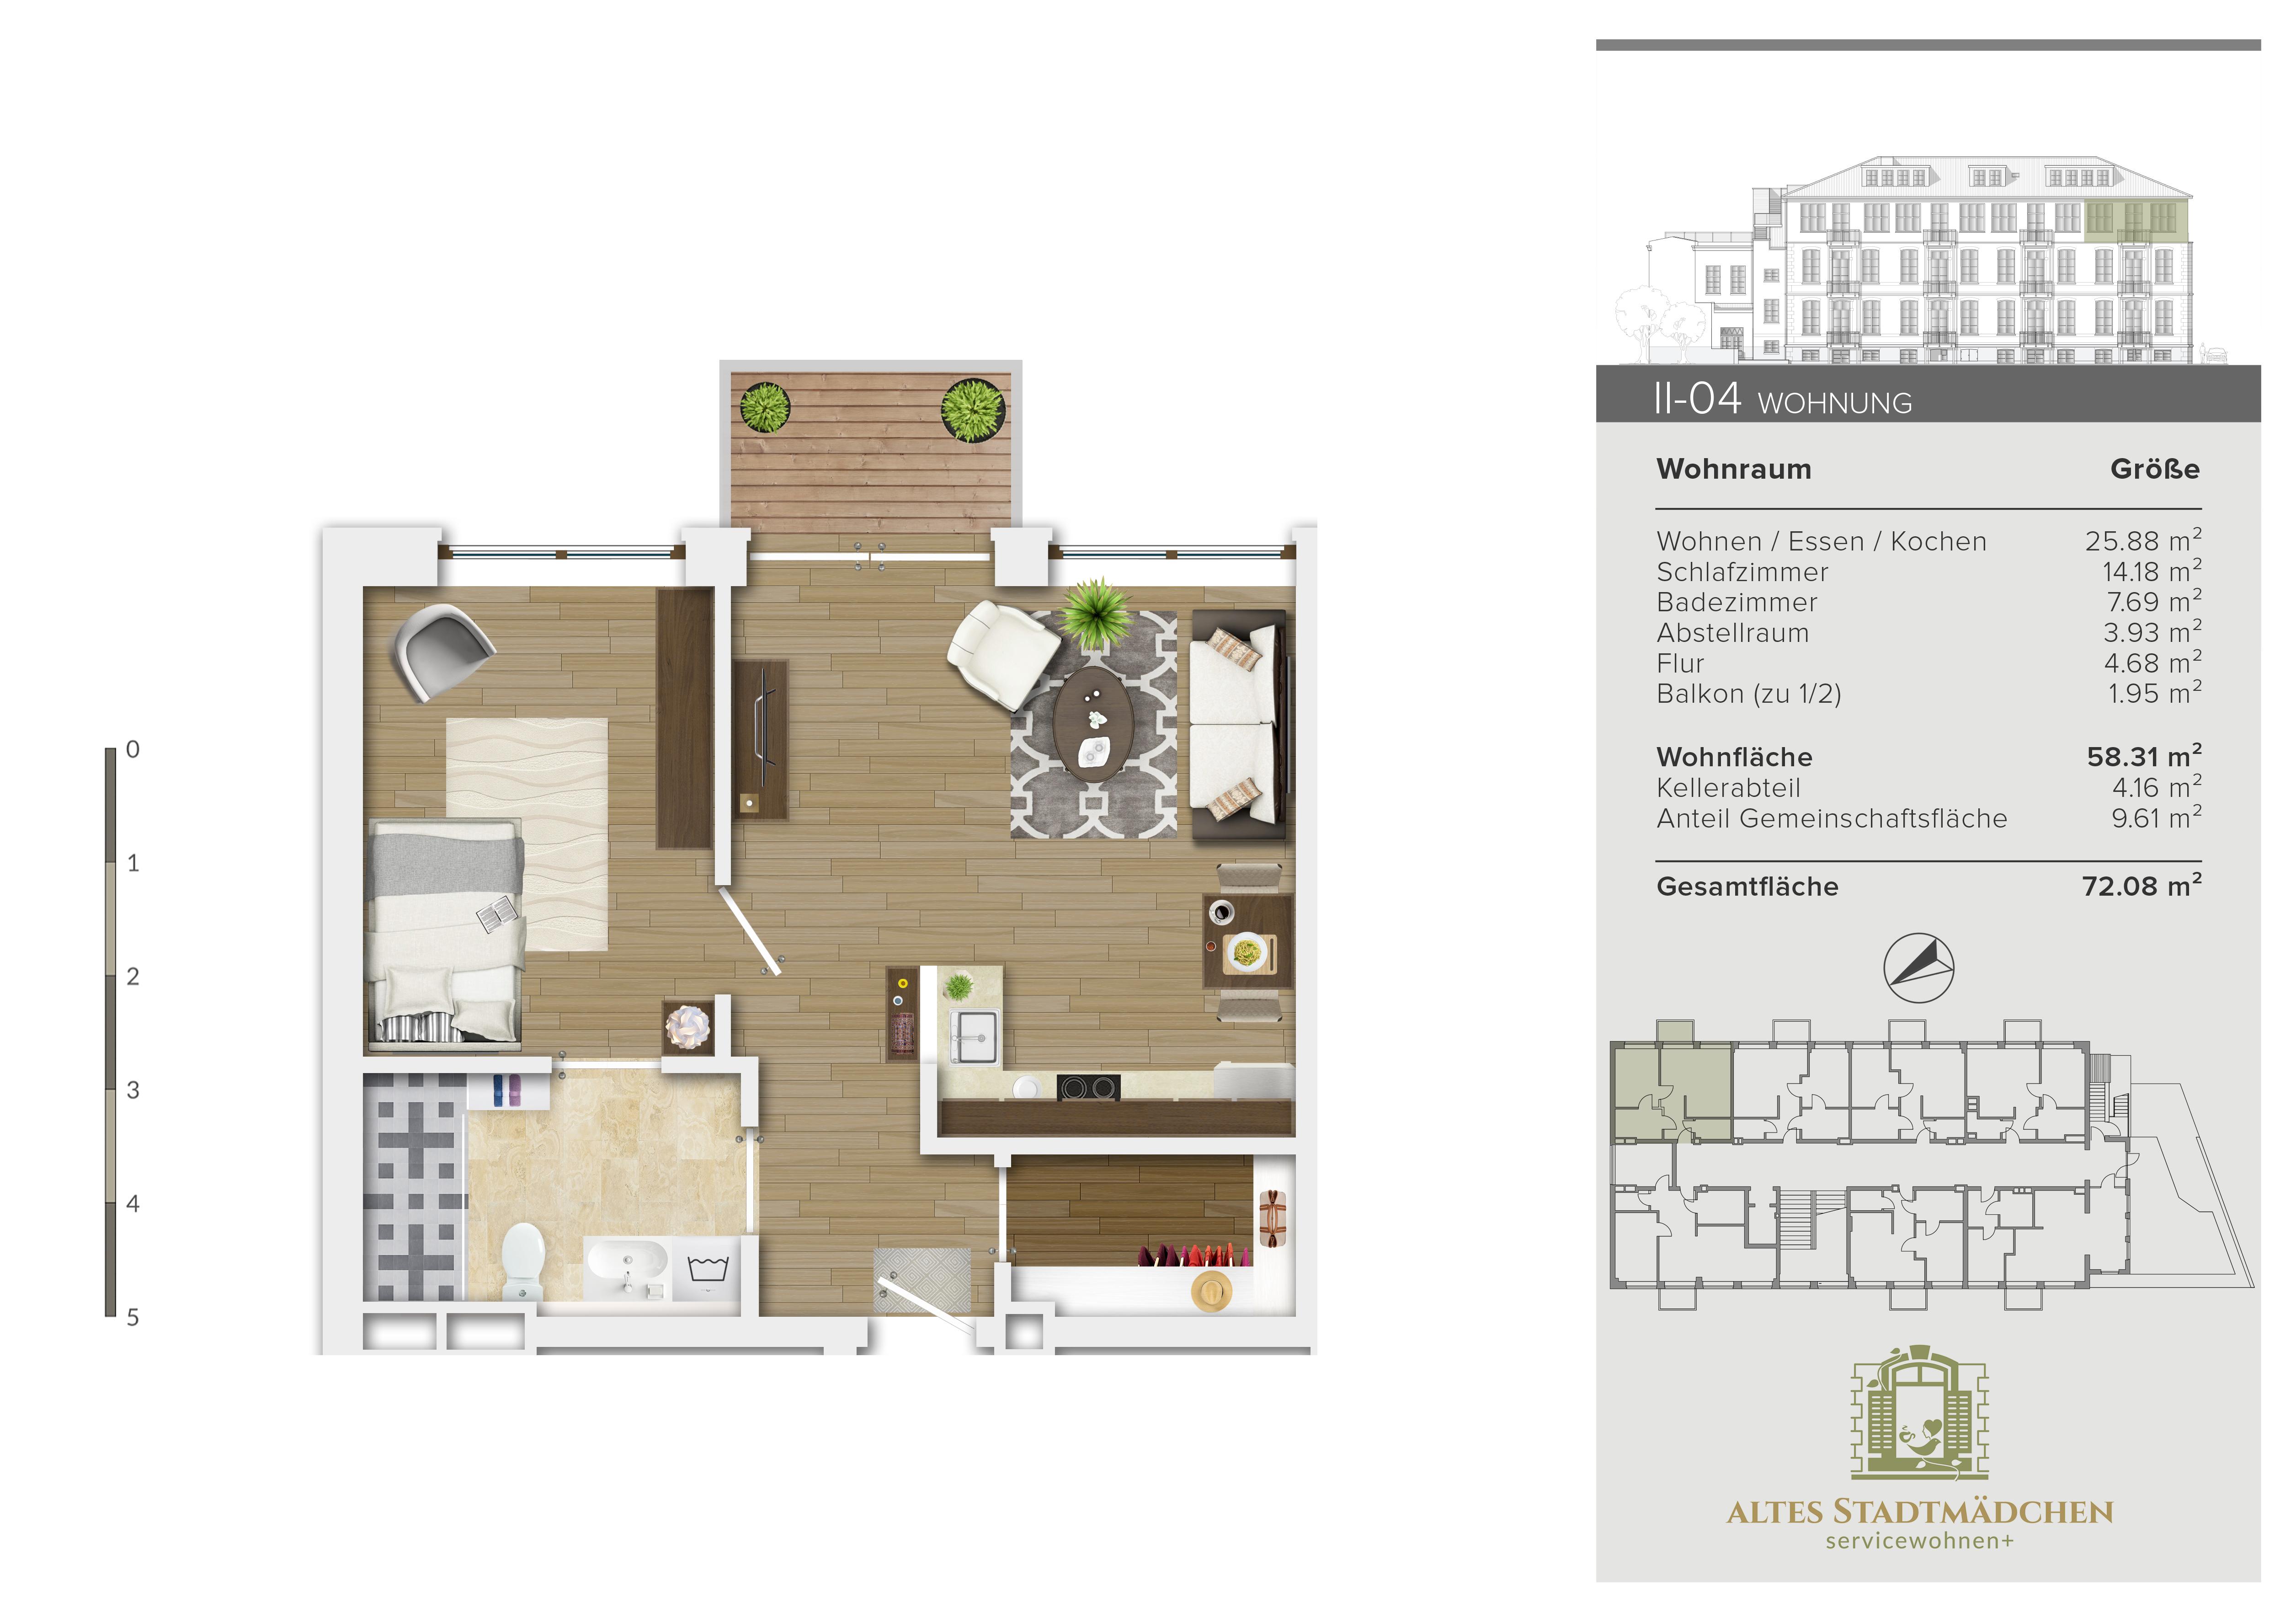 Wohnung II-04